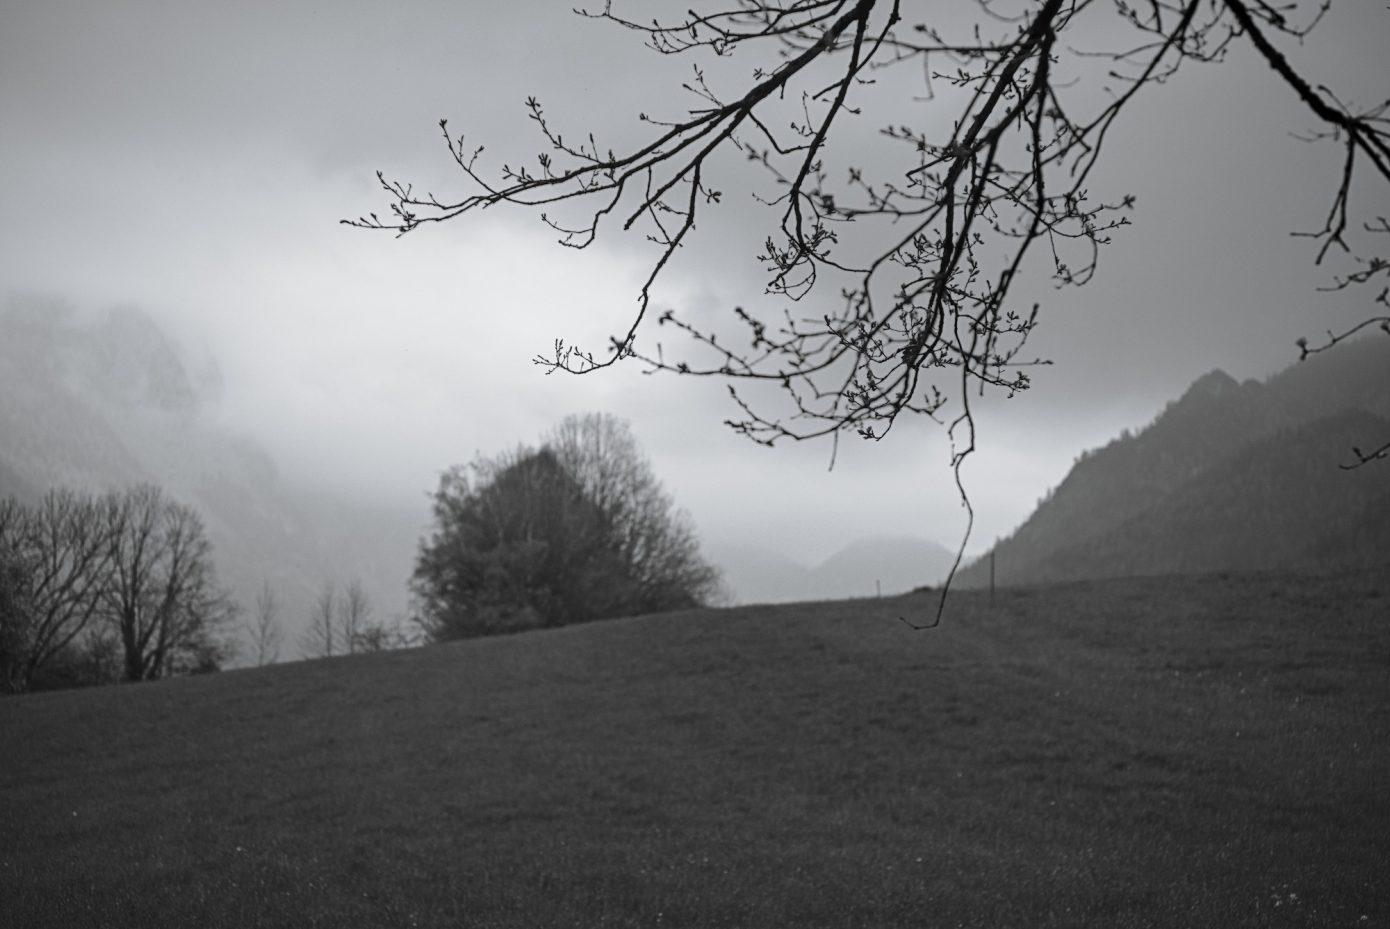 Rain_is_coming.jpg